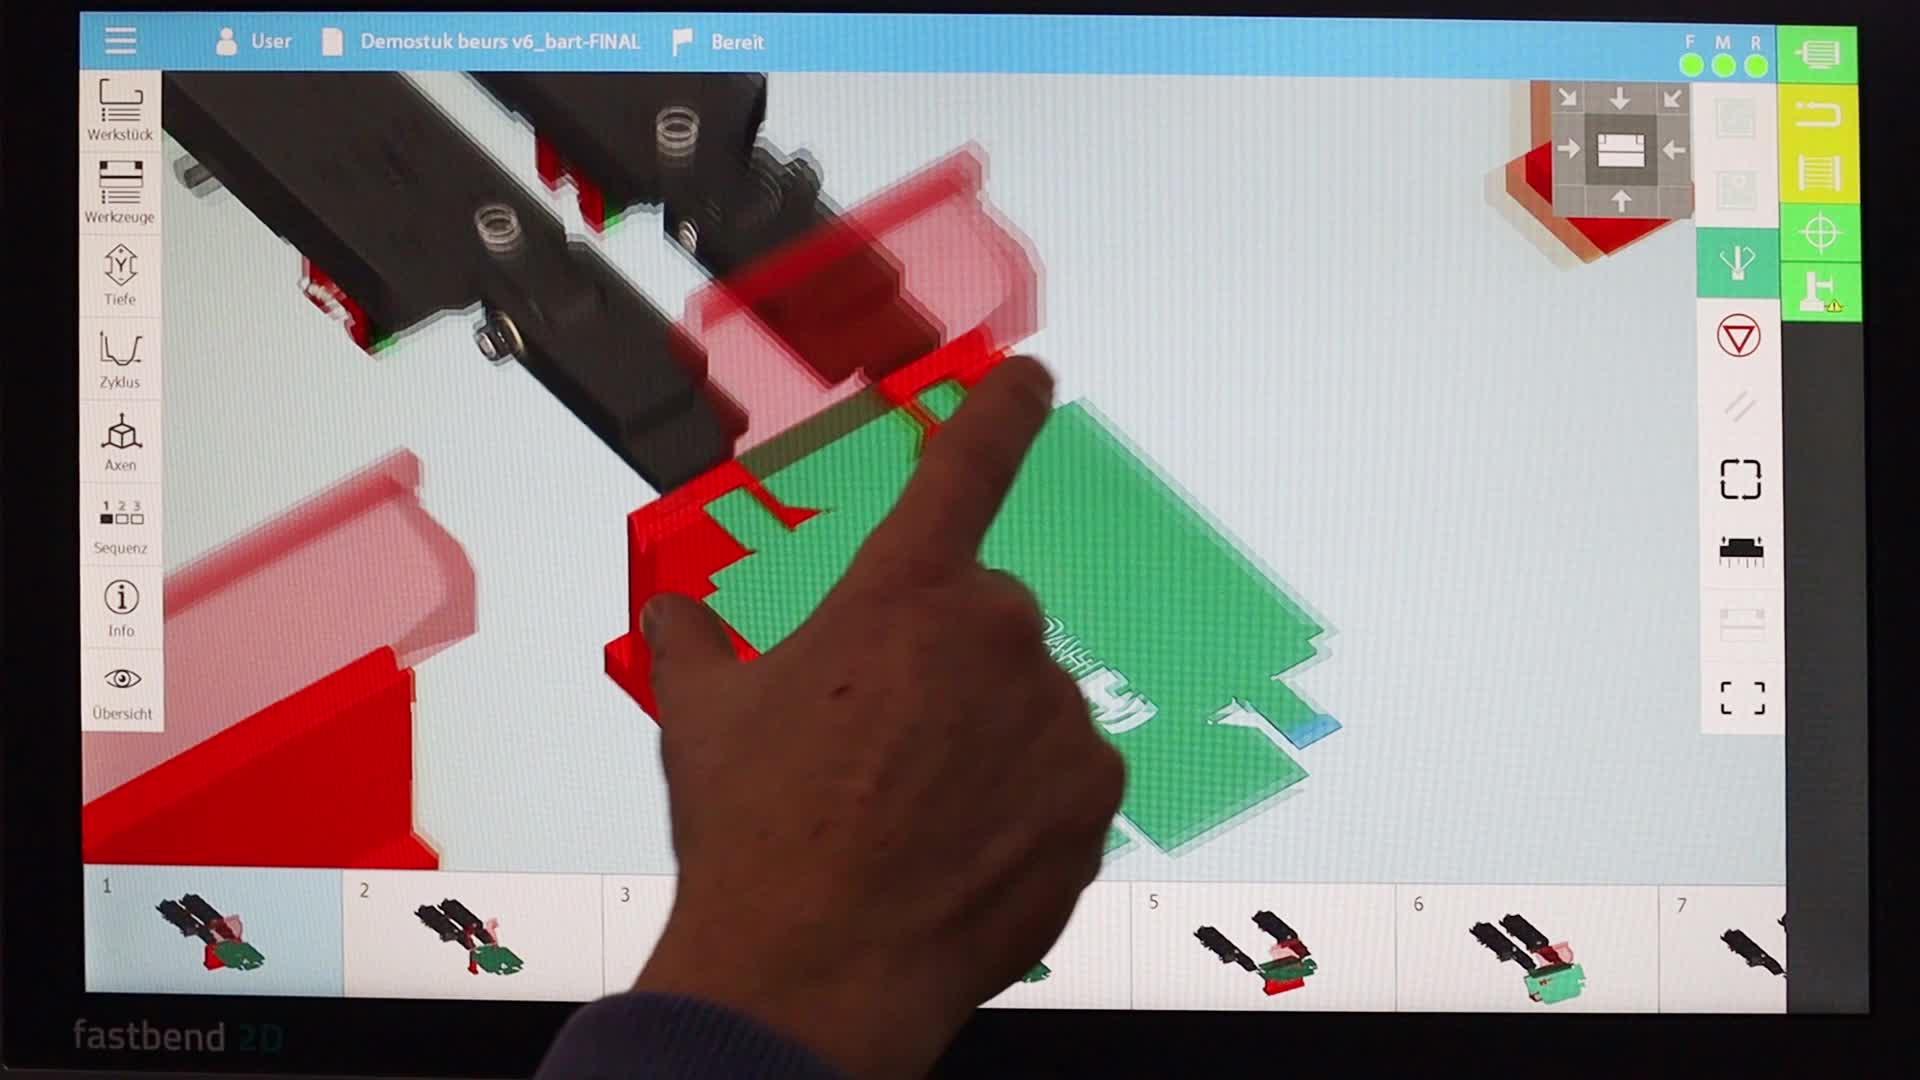 HACO FASTBEND 2D & 3D Steuerung